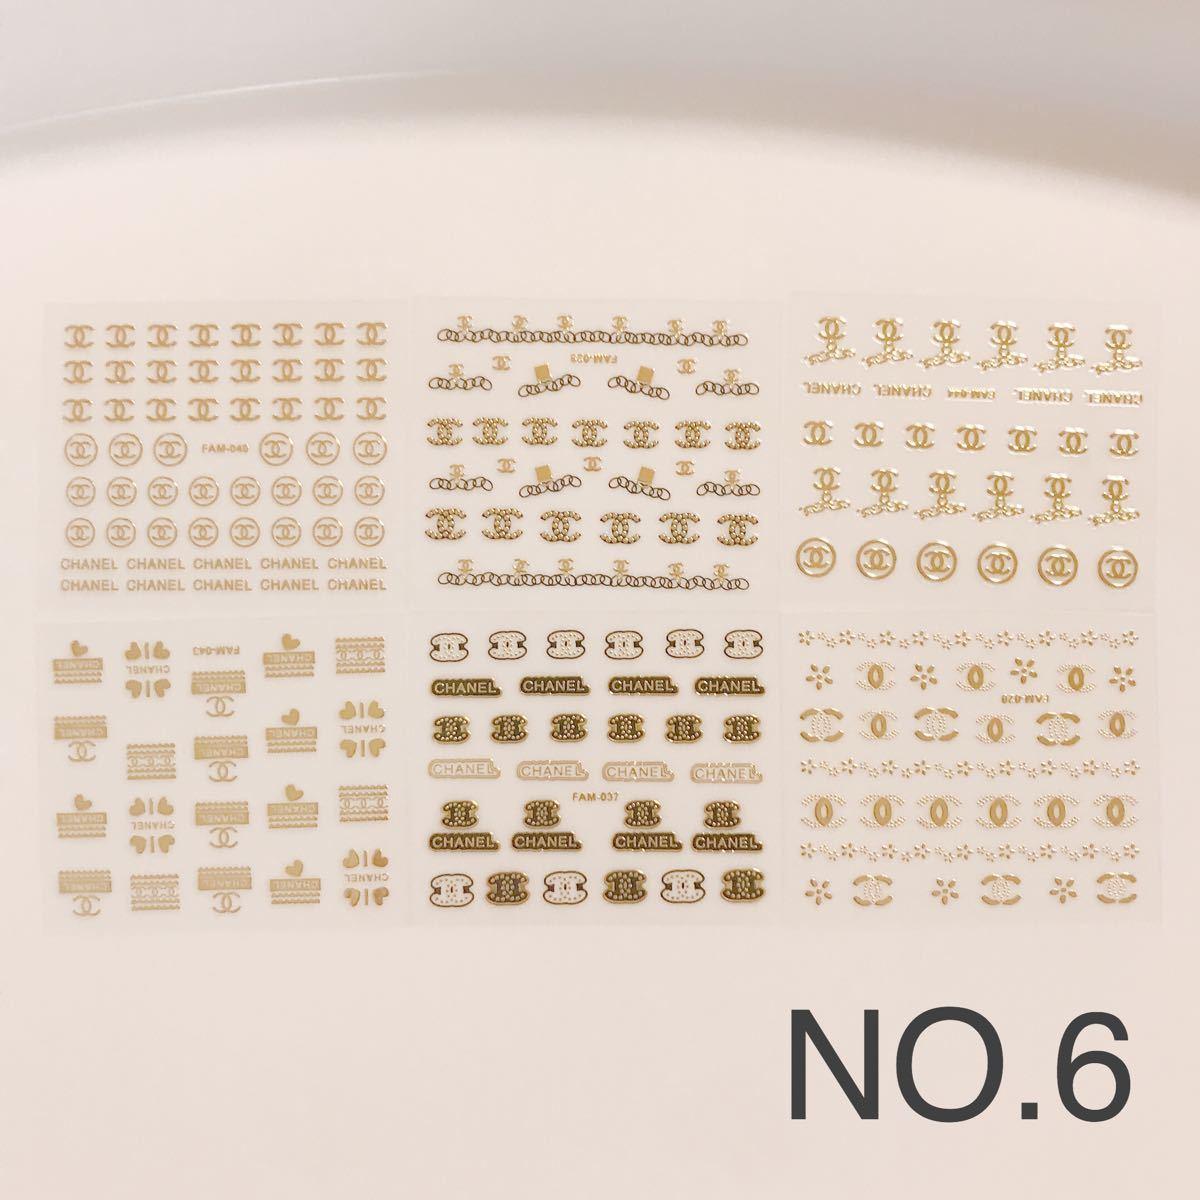 即配送 ネイルシール デコパーツ ブランド ロゴ NO.6